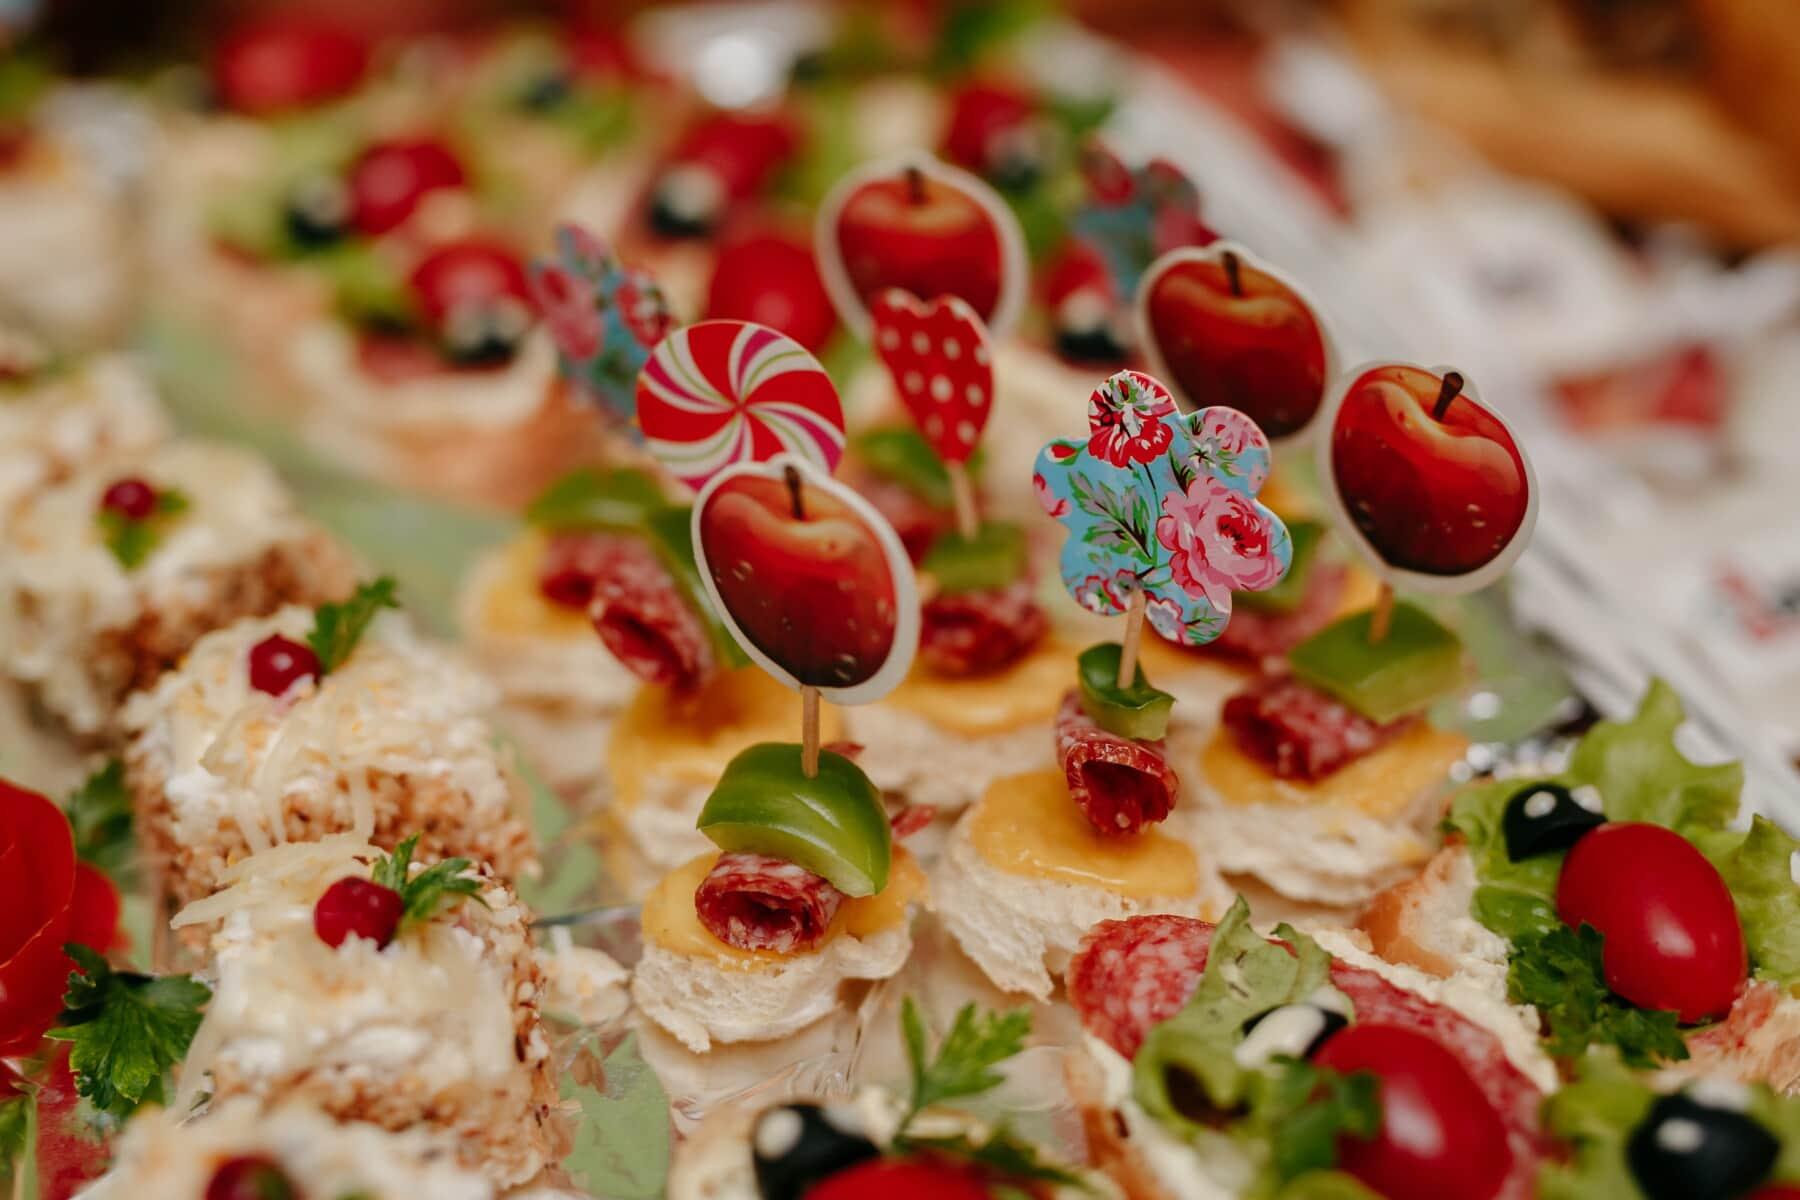 snack, fast food, decoratie, miniatuur, maaltijd, voedsel, lunch, salade, diner, voorgerecht